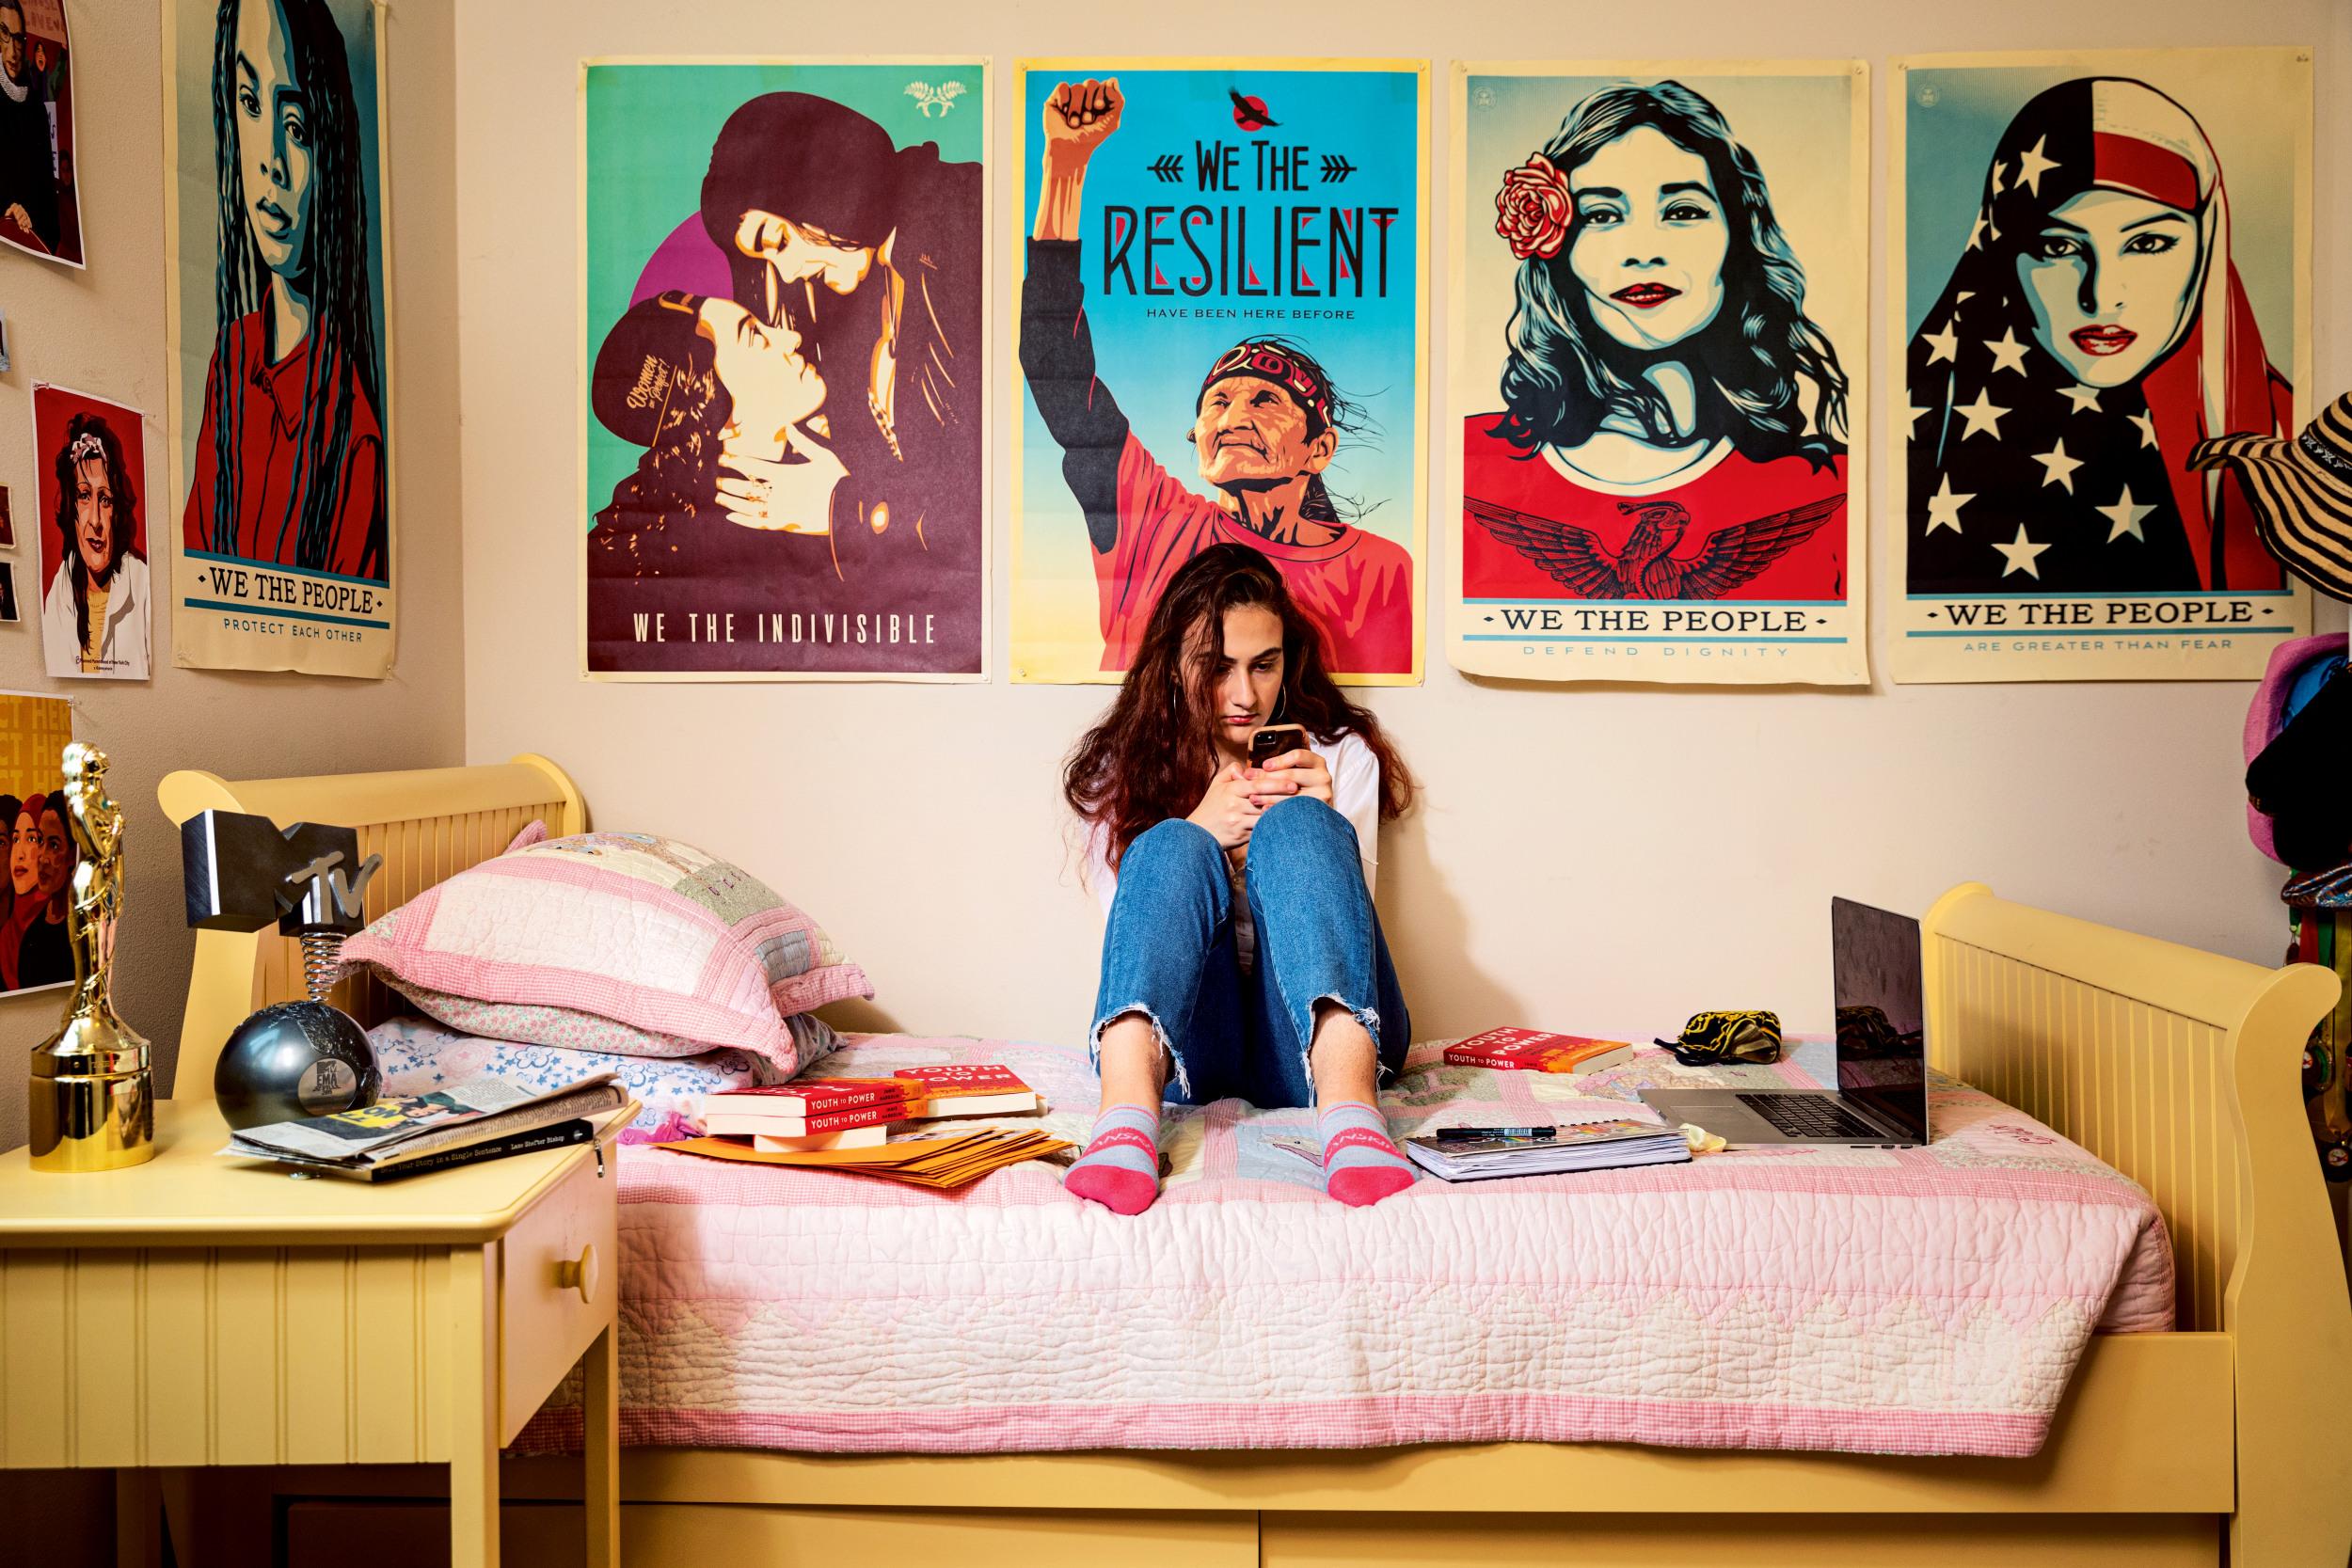 HOME ALONE Die 18-jährige Umweltaktivistin Jamie Margolin aus Seattle in ihrem Zimmer. Wegen der Coronakrise organisiert sie ihren Kampf gegen die Klimakrise und für faire Wahlen weitgehend von zu Hause aus